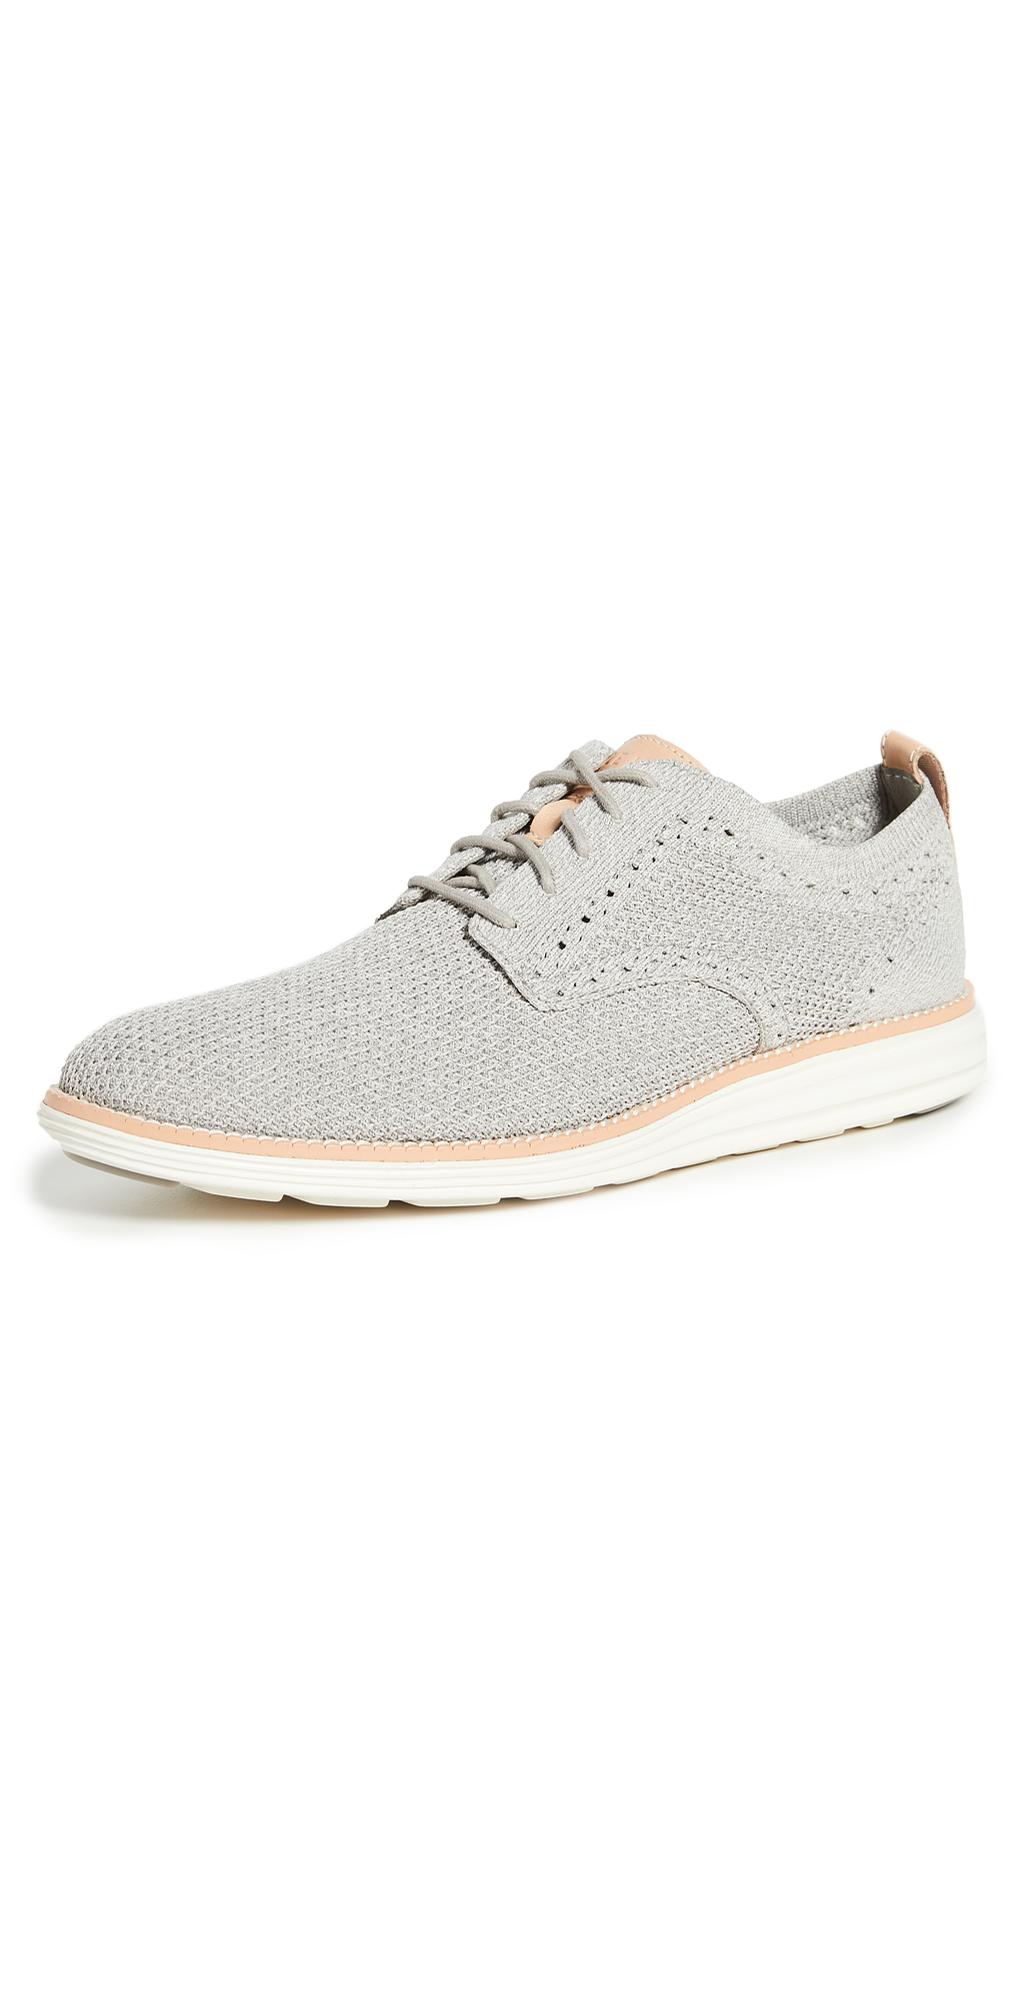 Grand Stitchlite Plain Oxford Shoes